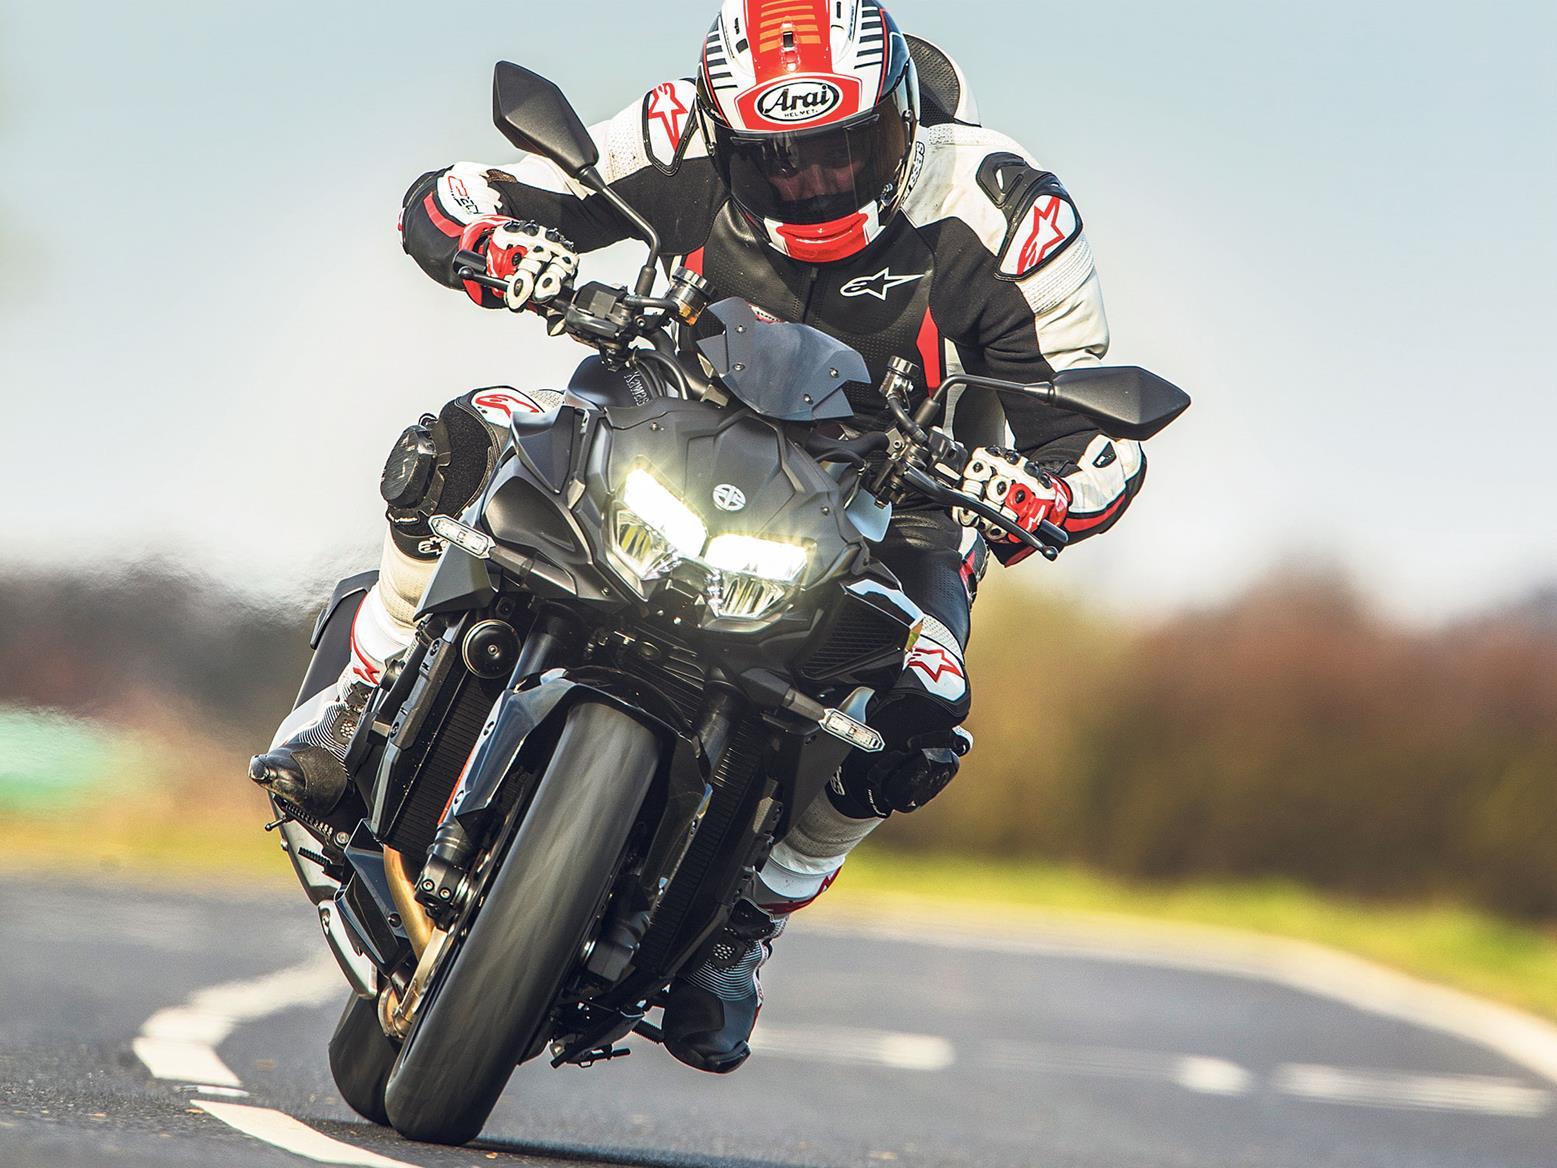 John McAvoy rides the Kawasaki Z H2